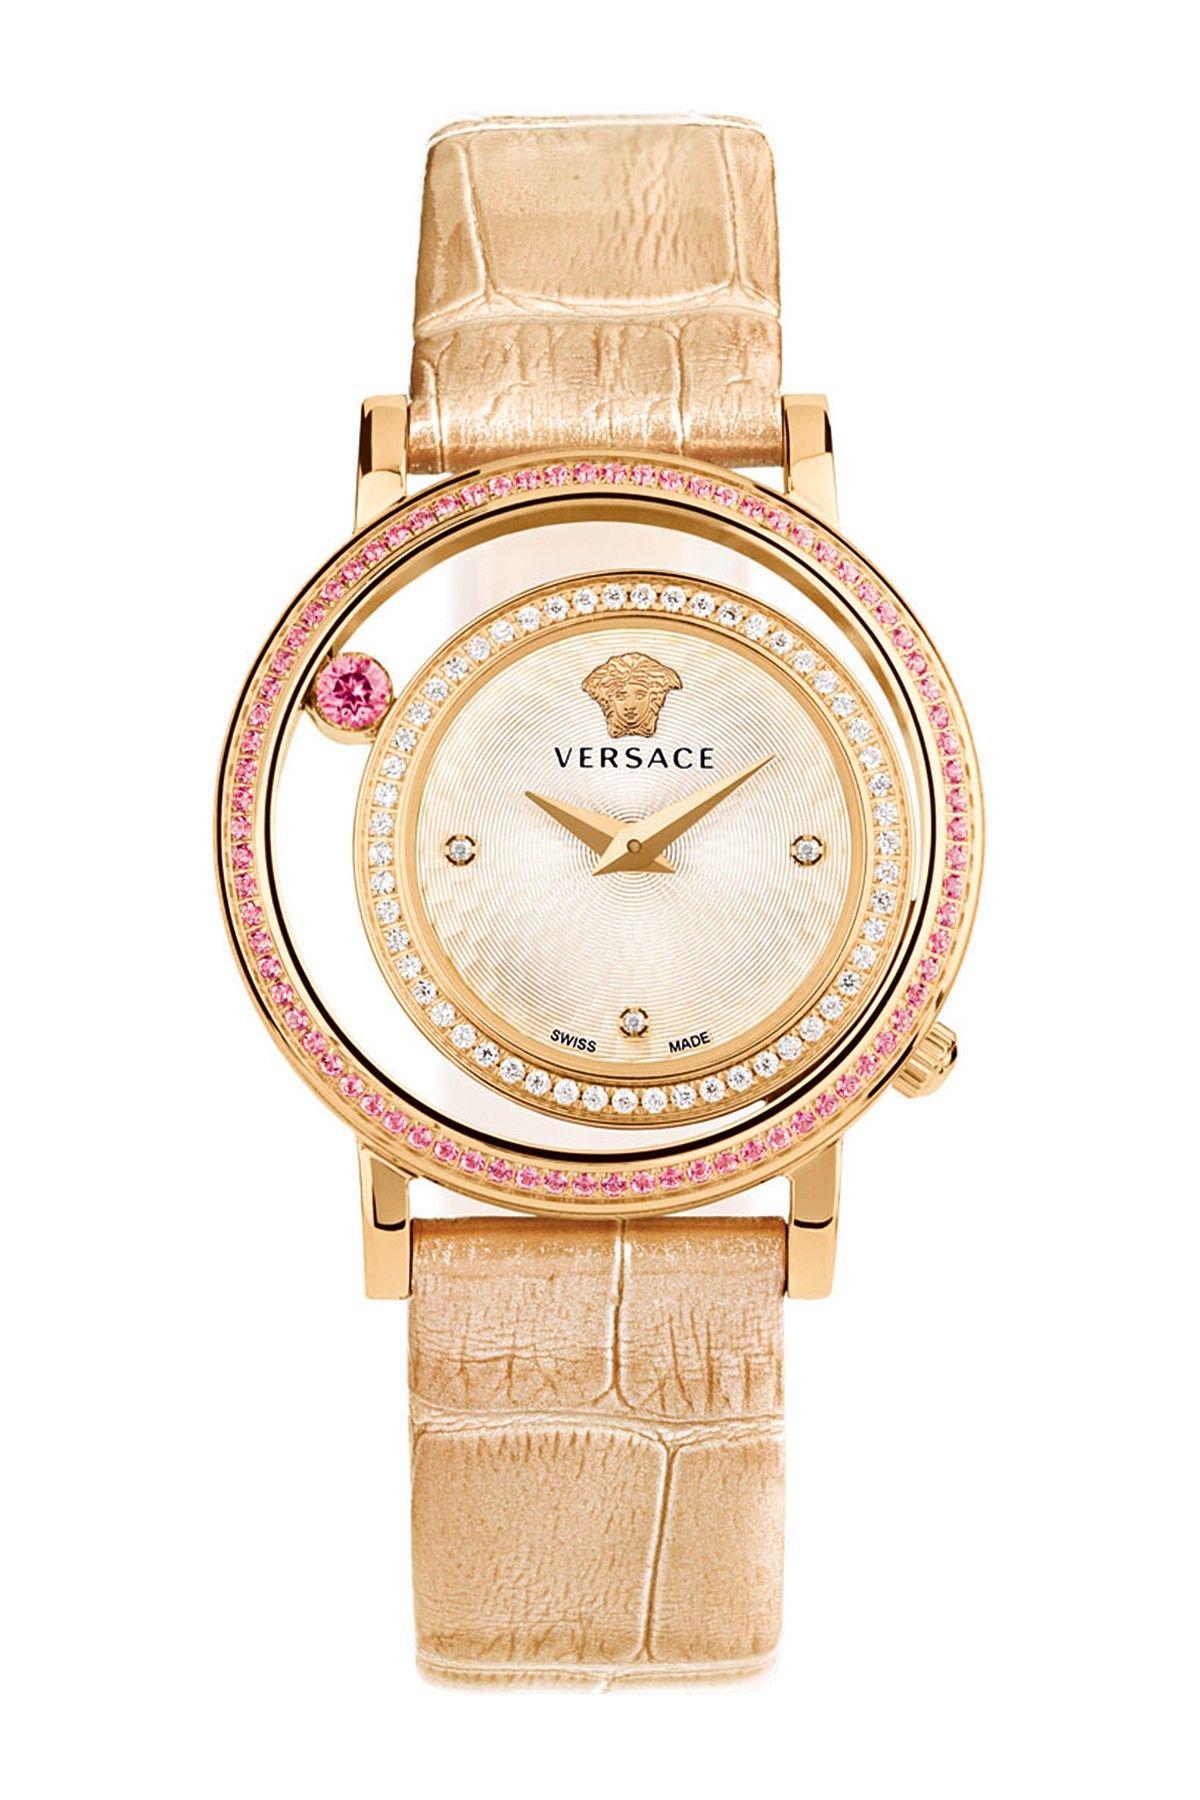 Versace venus womenus watch nordstrom rack bling